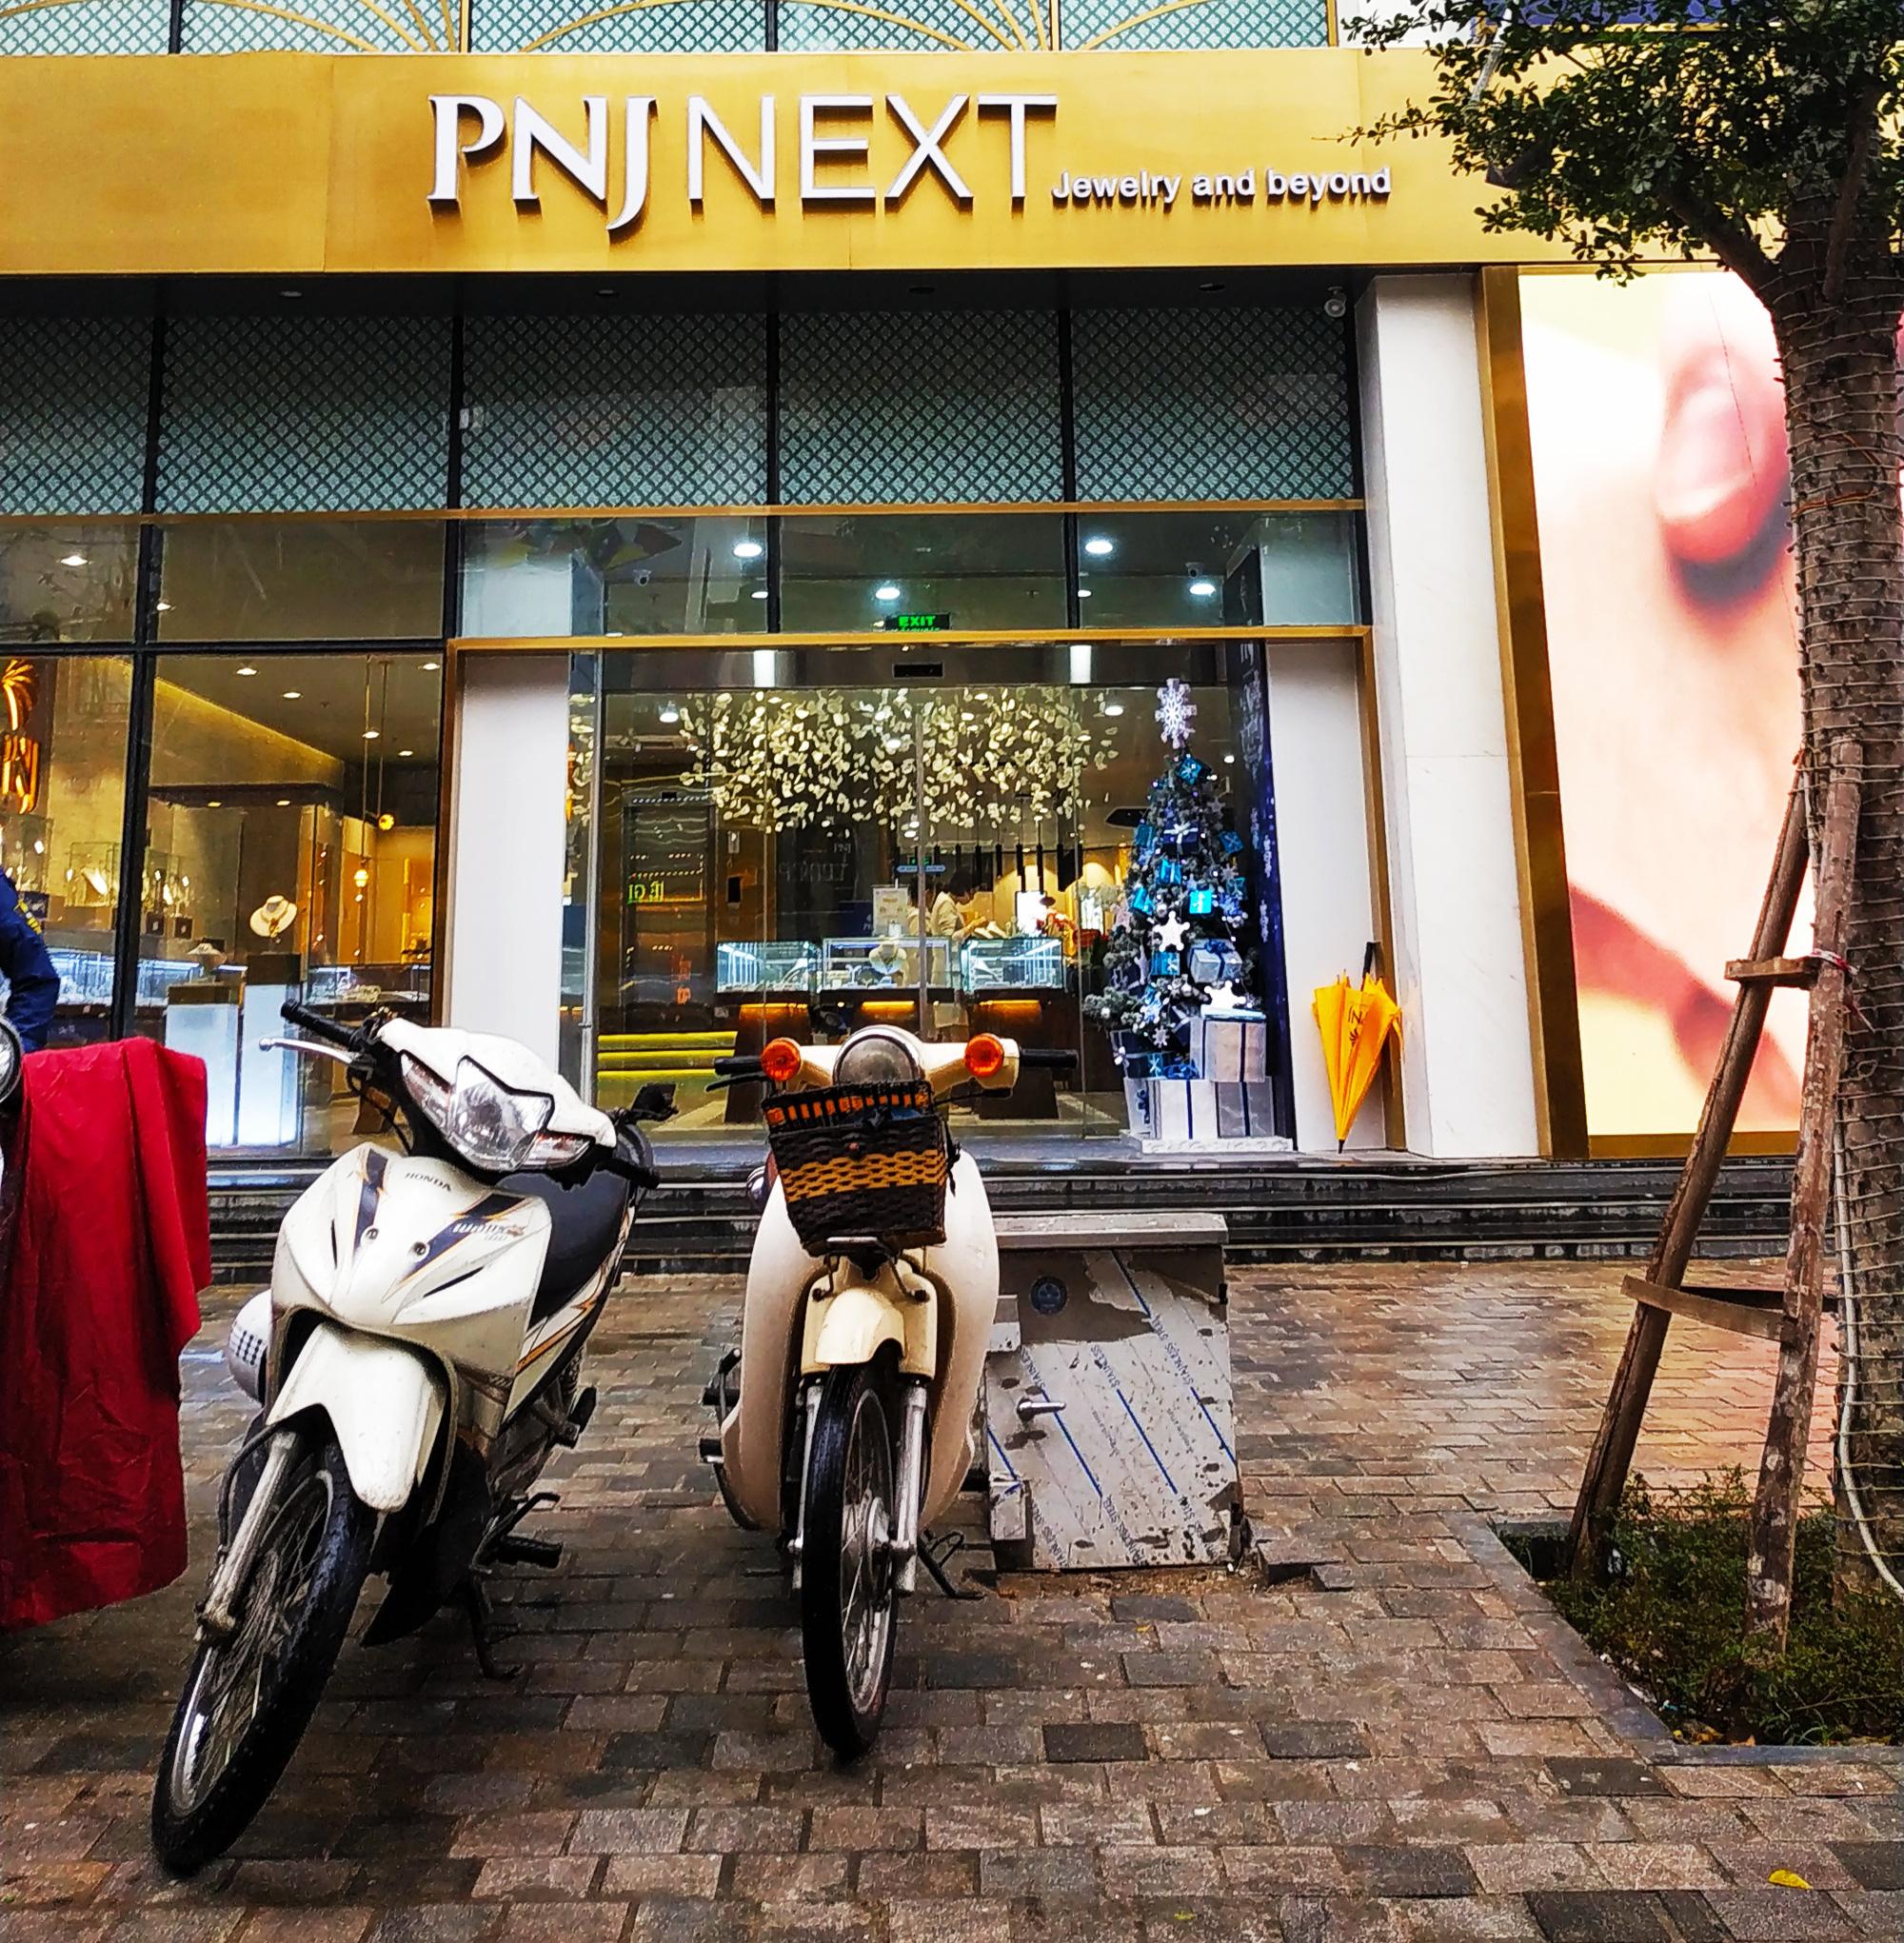 Sau Thế Giới Di Động, PNJ cũng tạm đóng một số cửa hàng vì COVID-19 - Ảnh 1.